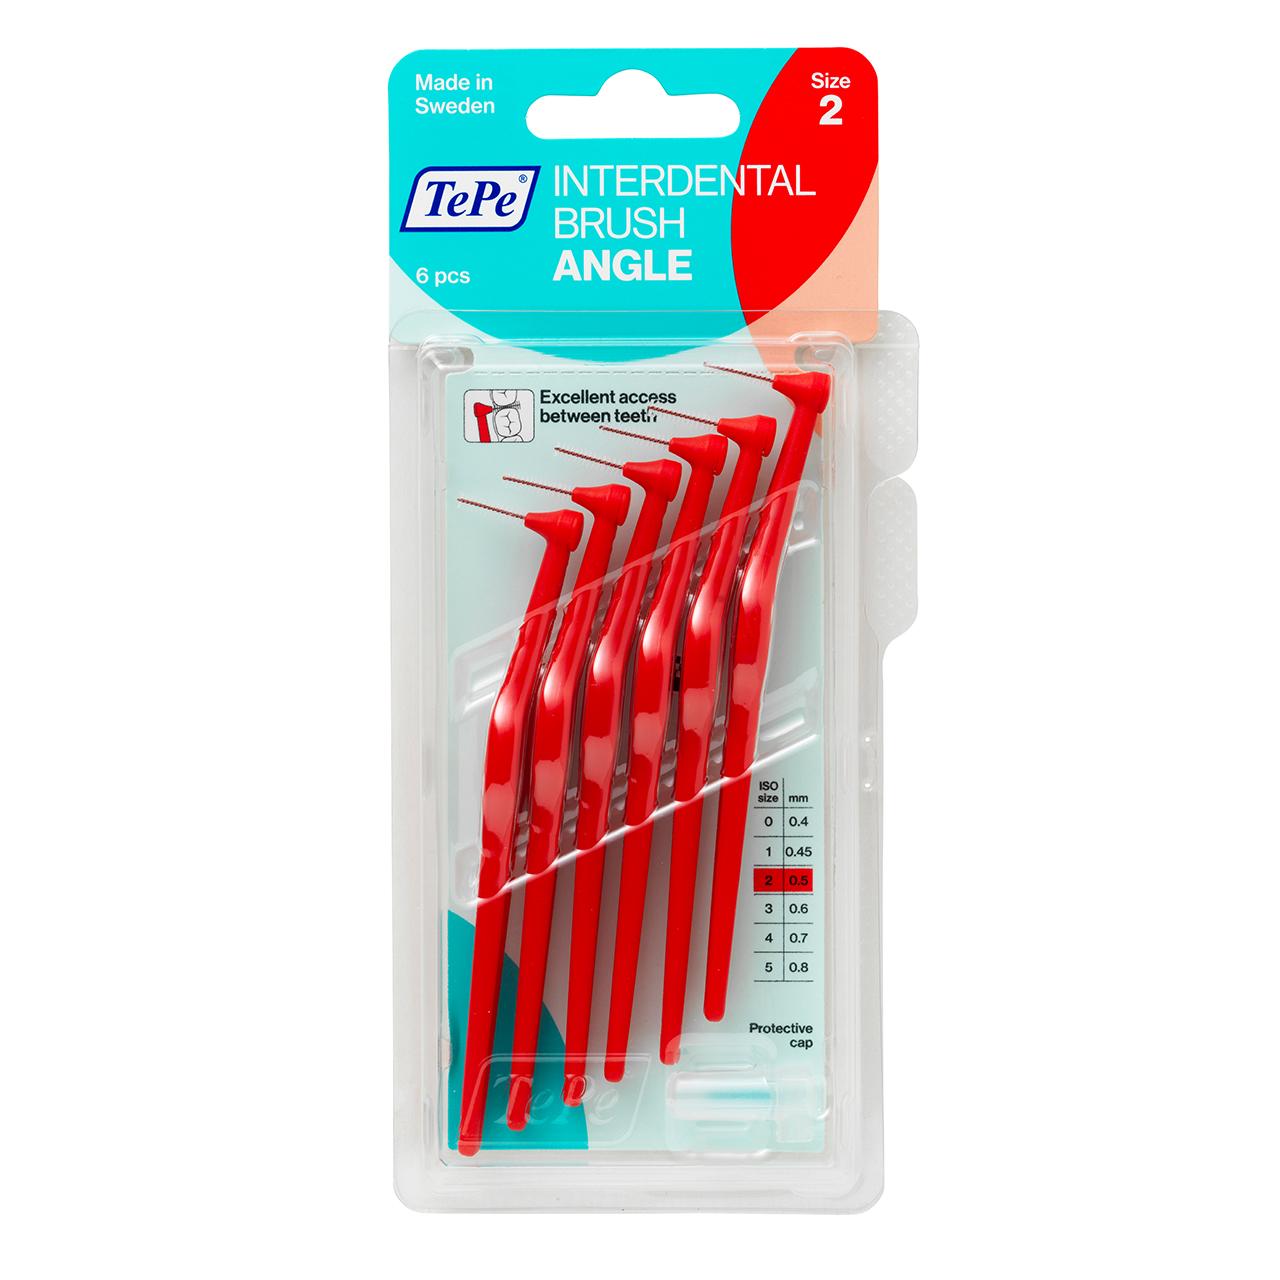 مسواک بین دندانی تهپه مدل Angle سایز 2 بسته ۶ عددی